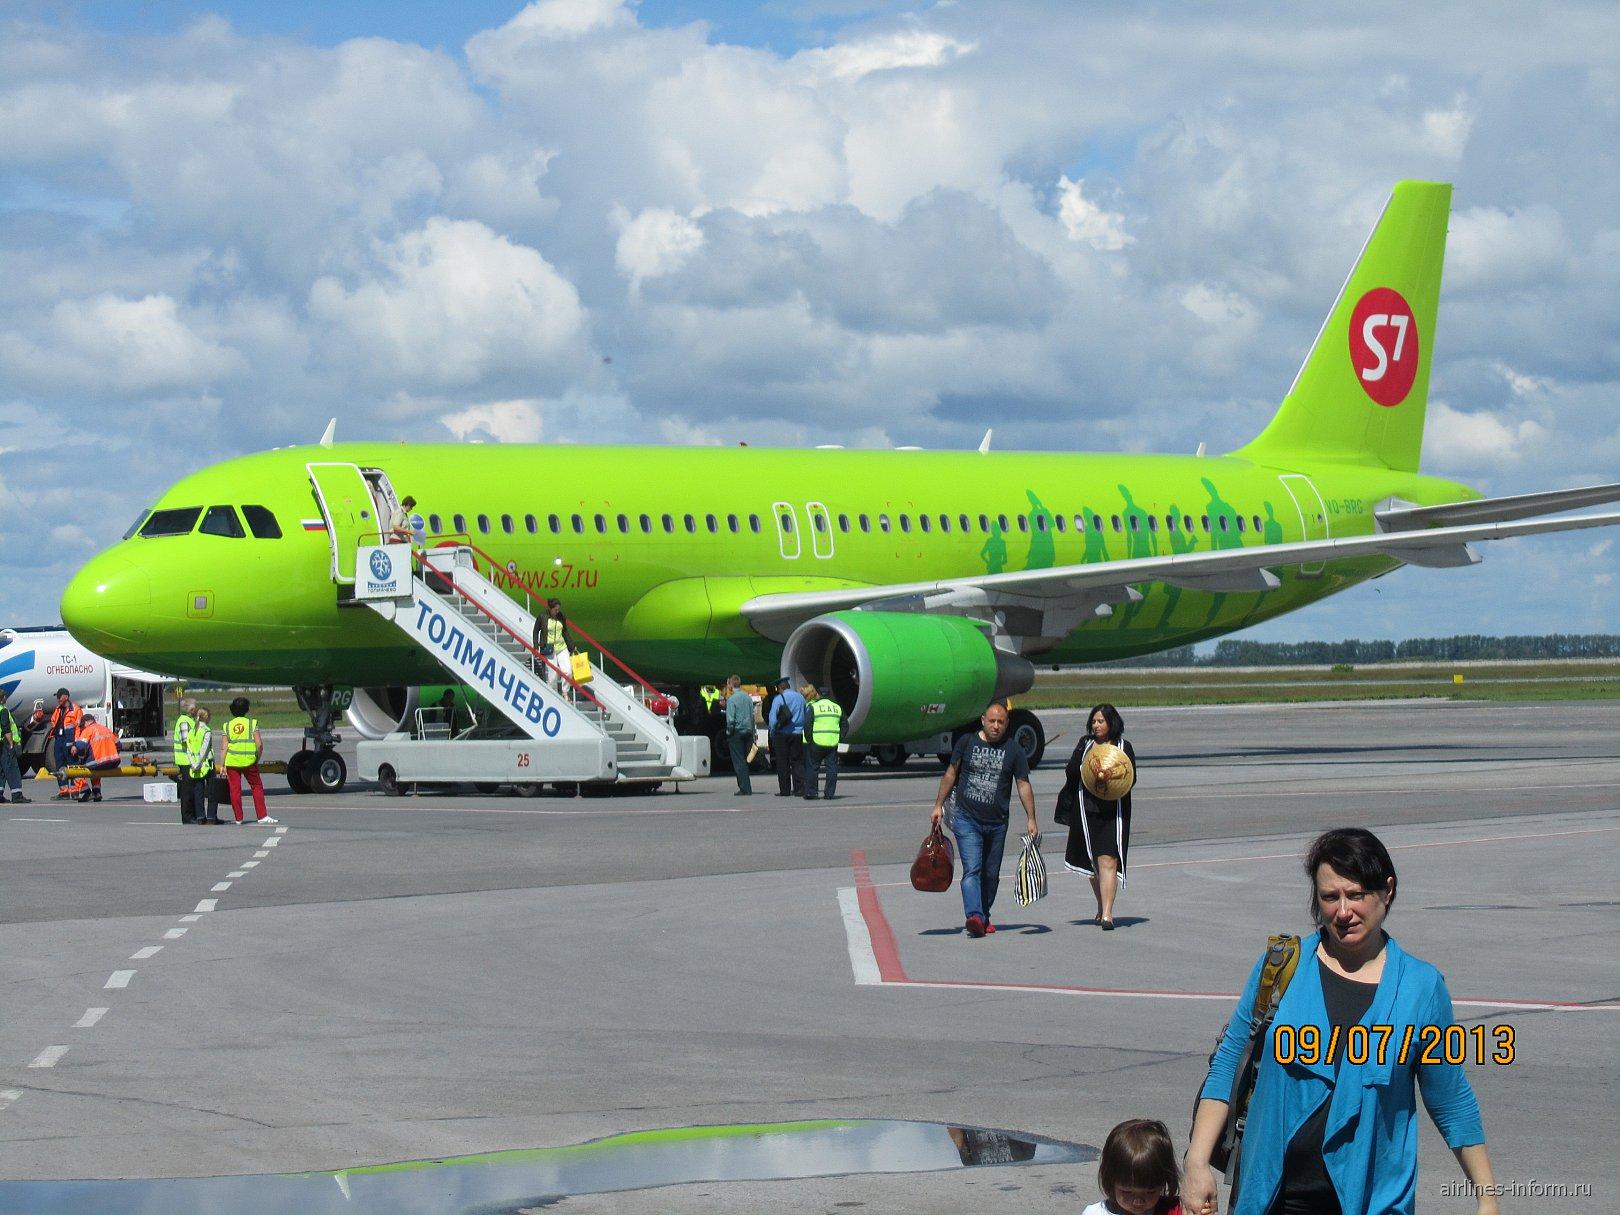 Уральские авиалинии провоз багажа нормы и правила